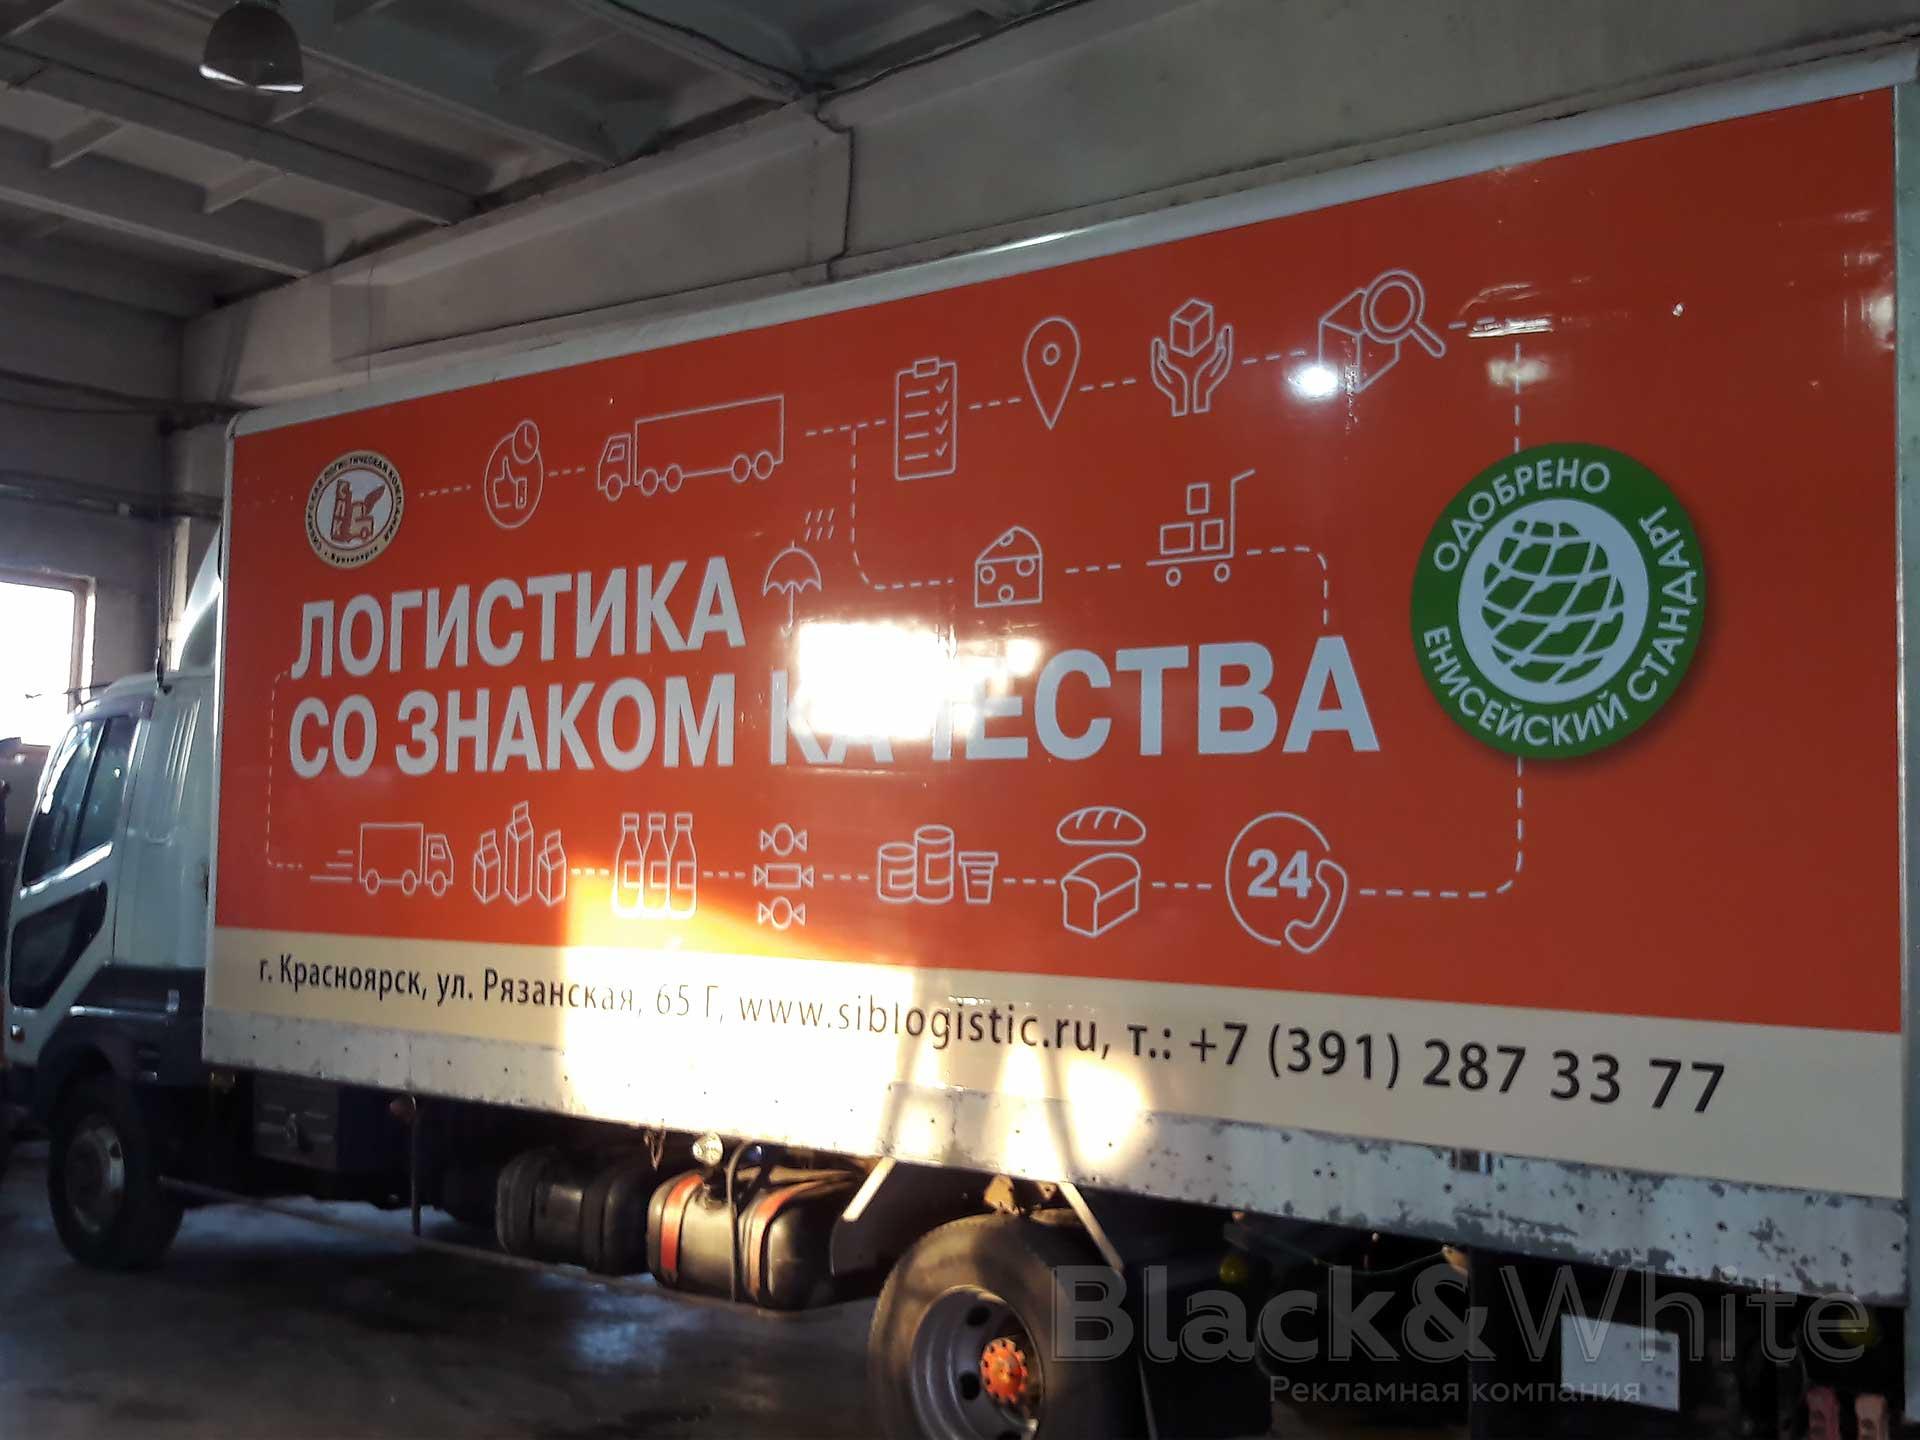 Брендирование-грузовых-автомобилей-виниловой-плёнкой-в-красноярске-bw...jpg